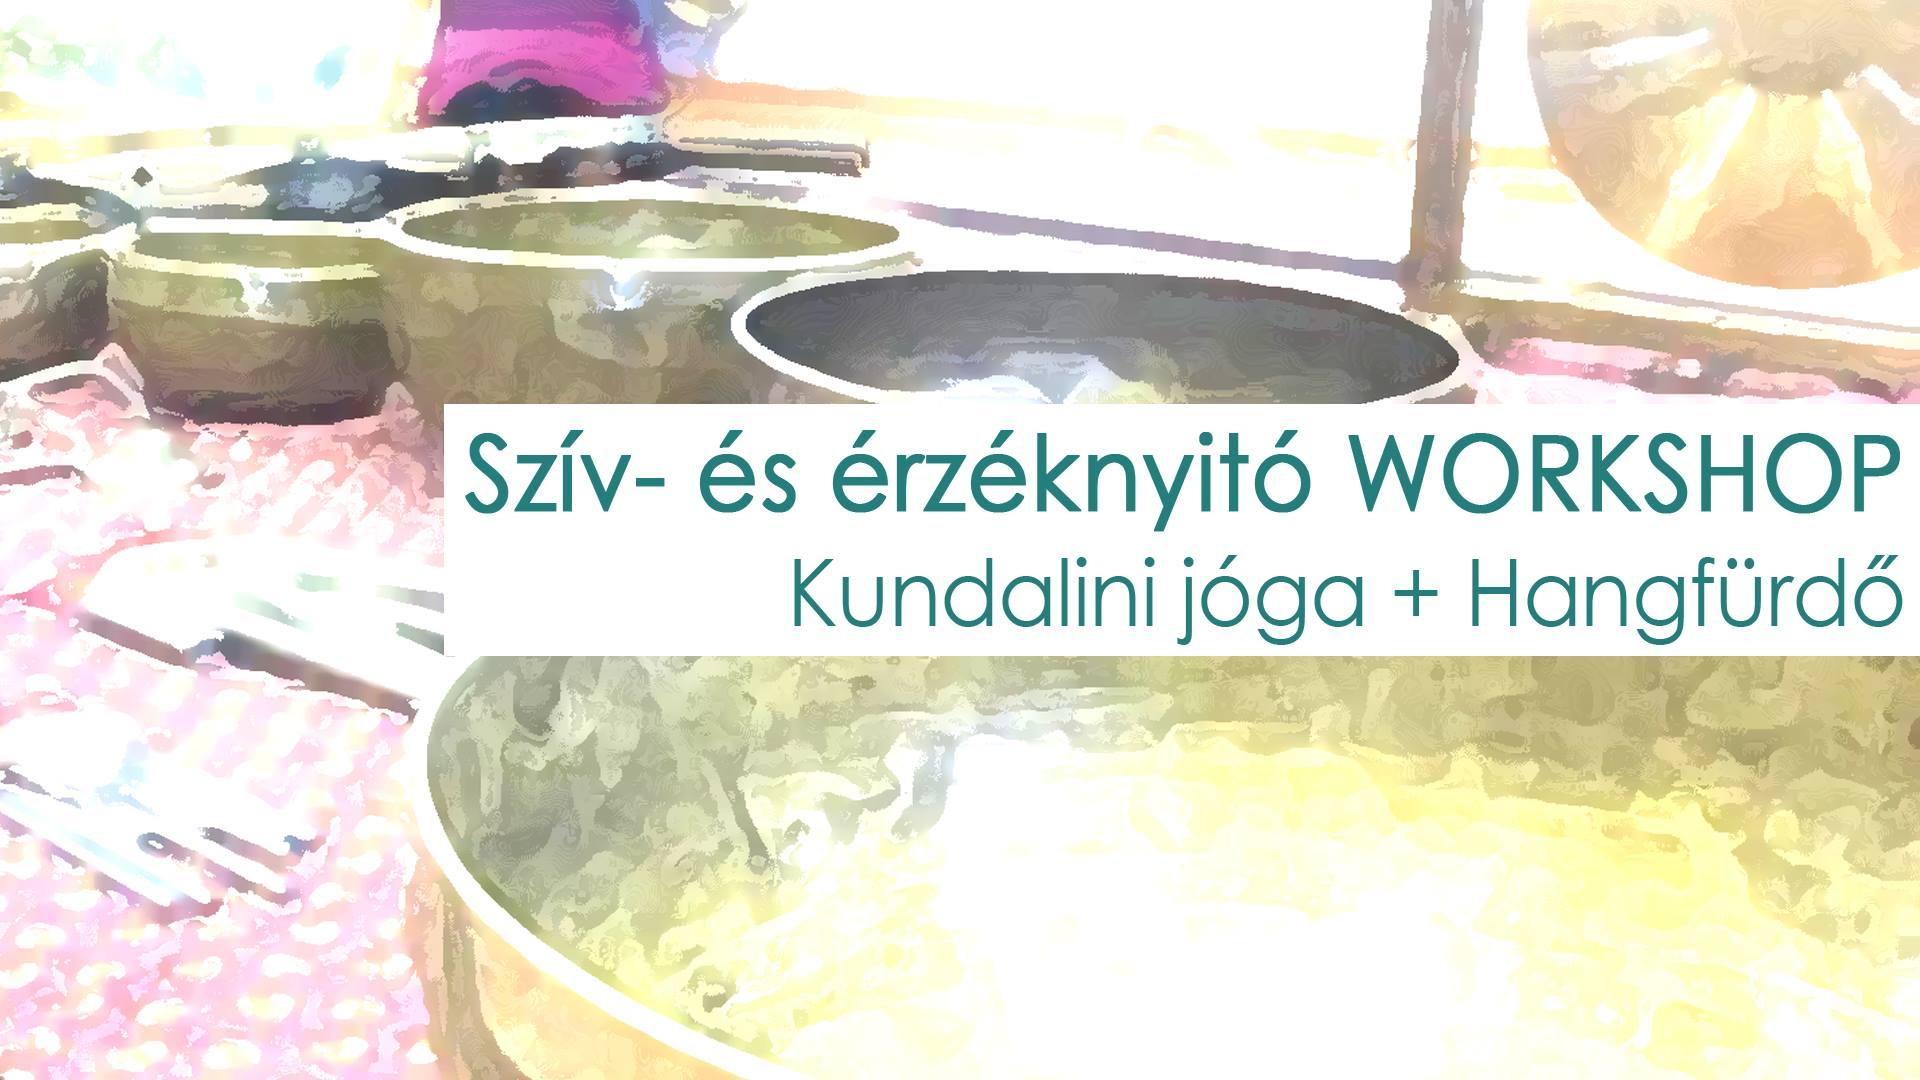 Kundalini jóga és Hangfürdő Workshop